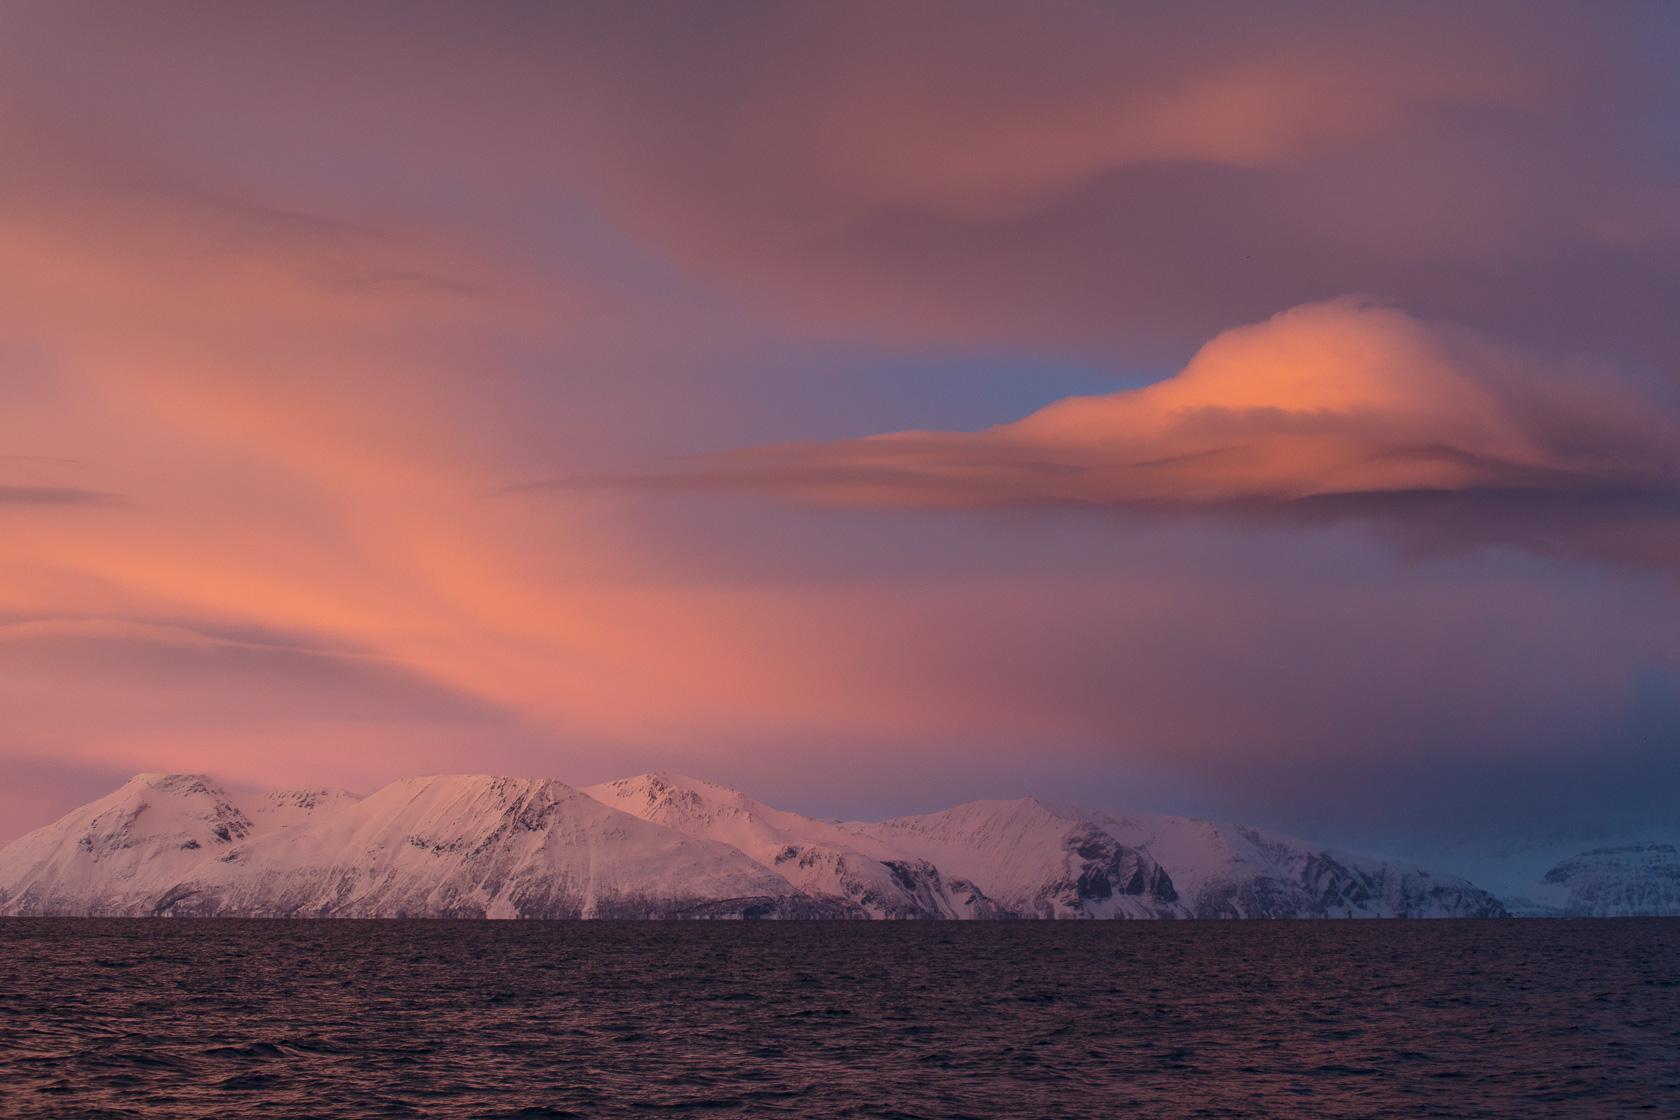 ambiance lumineuse hivernale à Skjervøy, dans le Nord de la Norvège